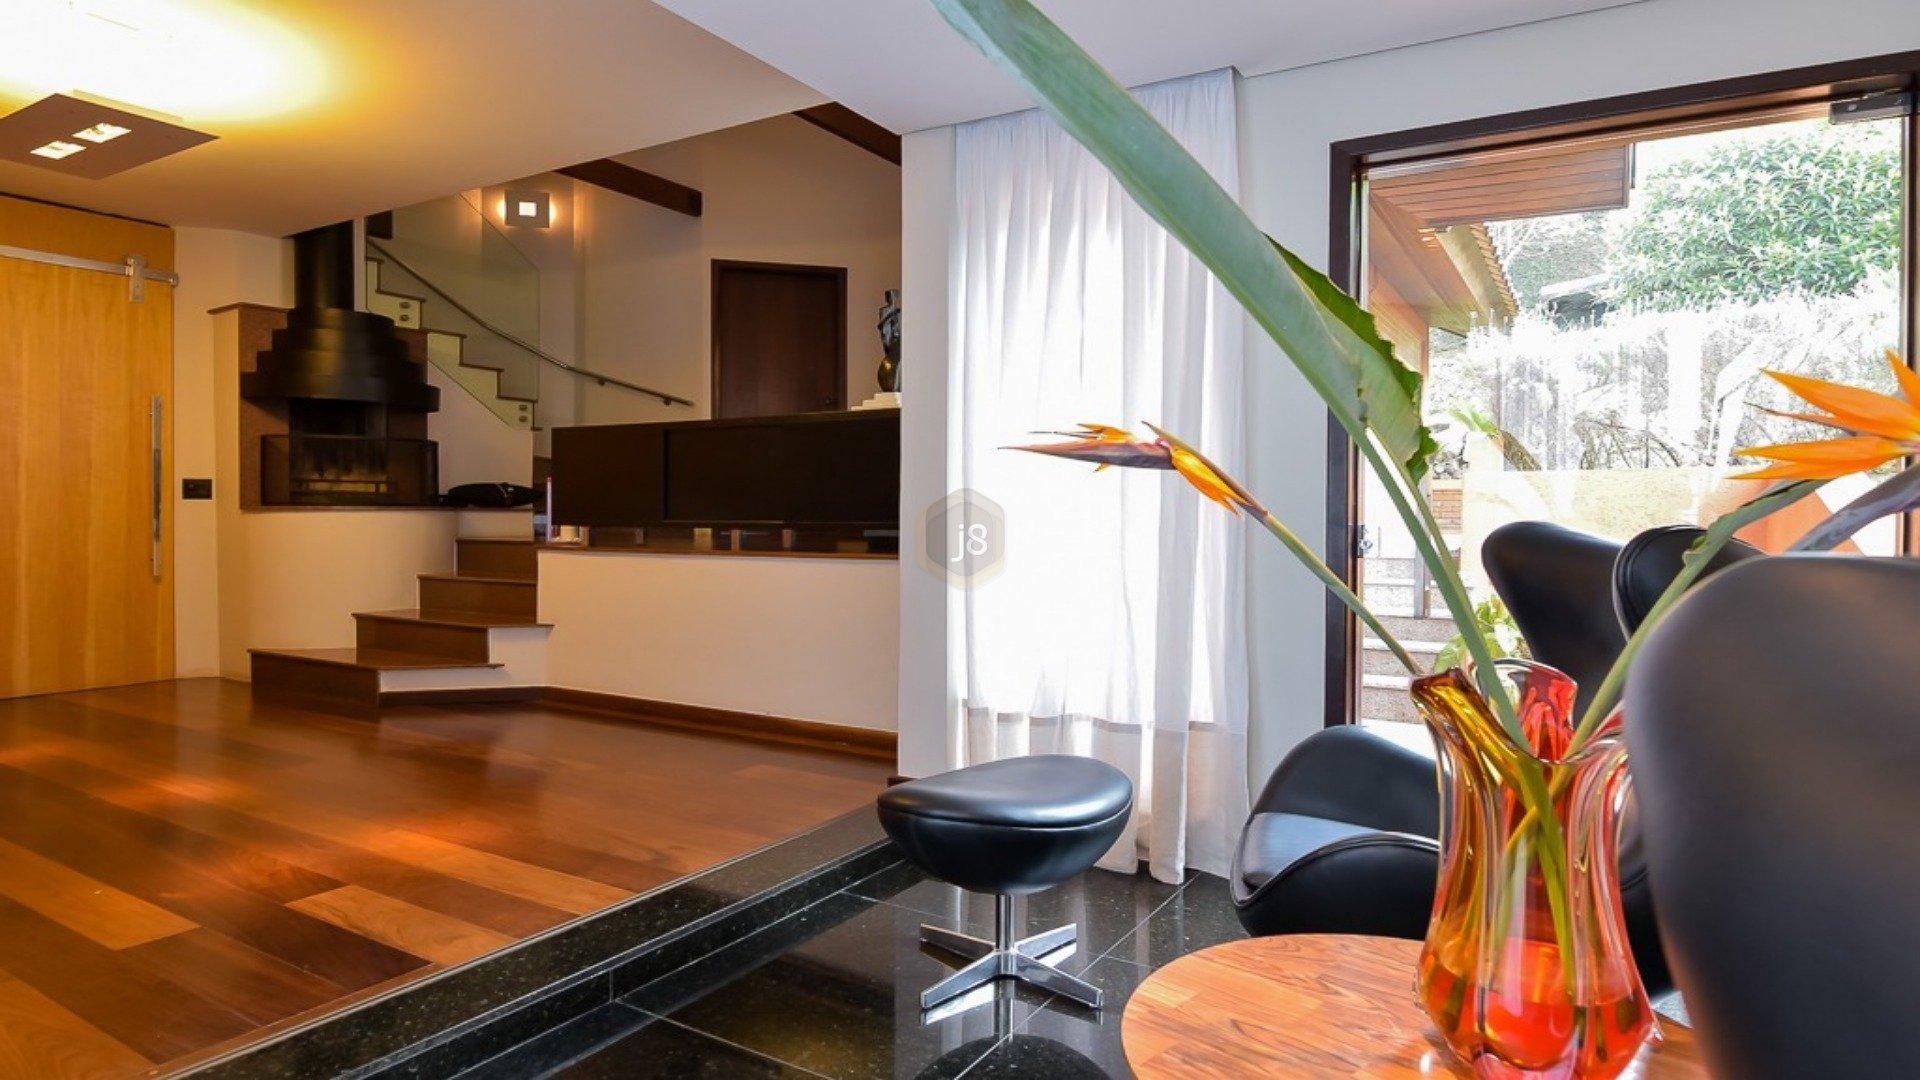 Foto de destaque .casa muito confortável no tingui. perfeita para reunir os amigos !